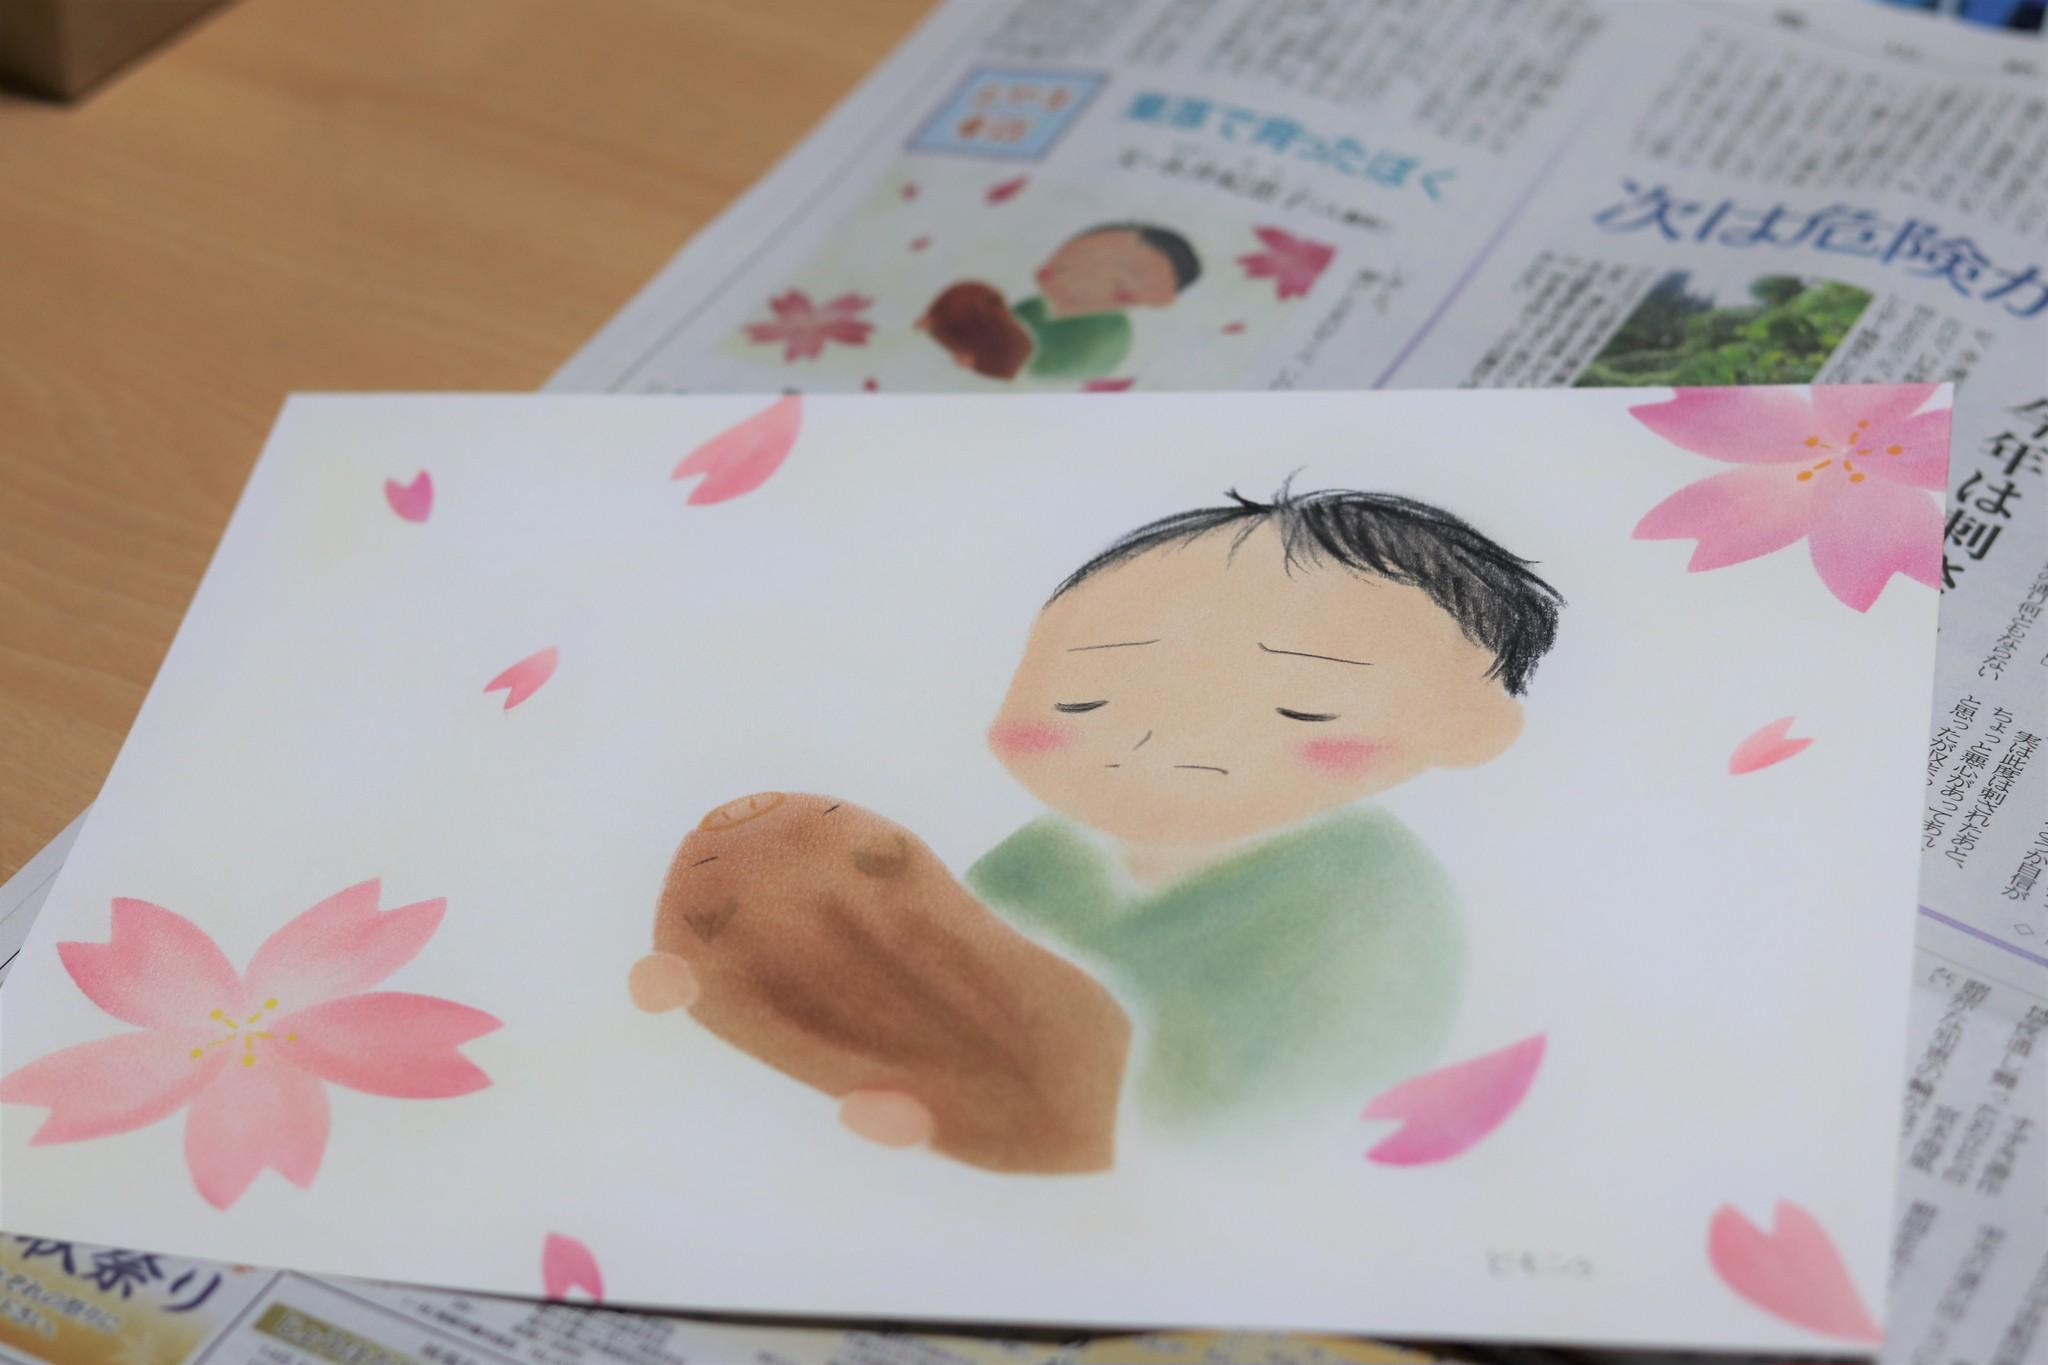 とやま童話の挿絵を描いてます。